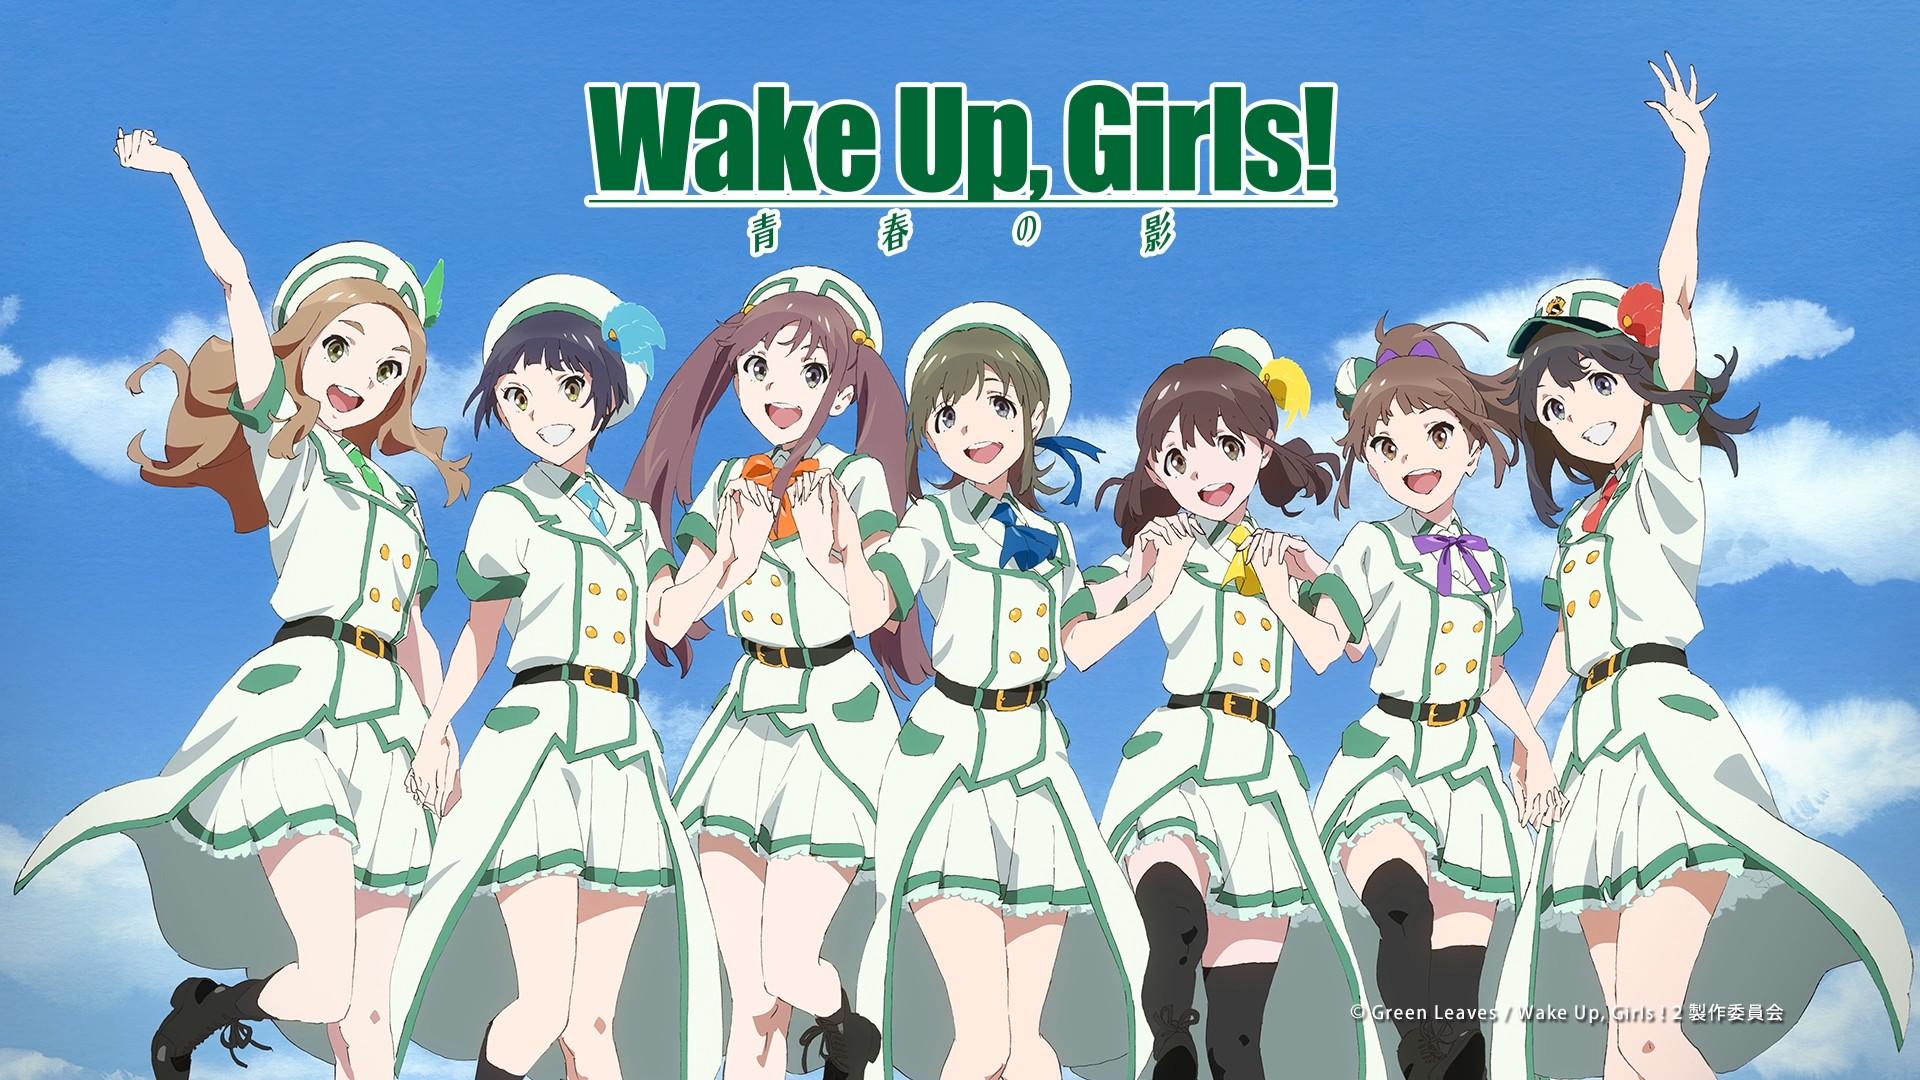 Wake Up, Girls エイベックス 声優アイドル